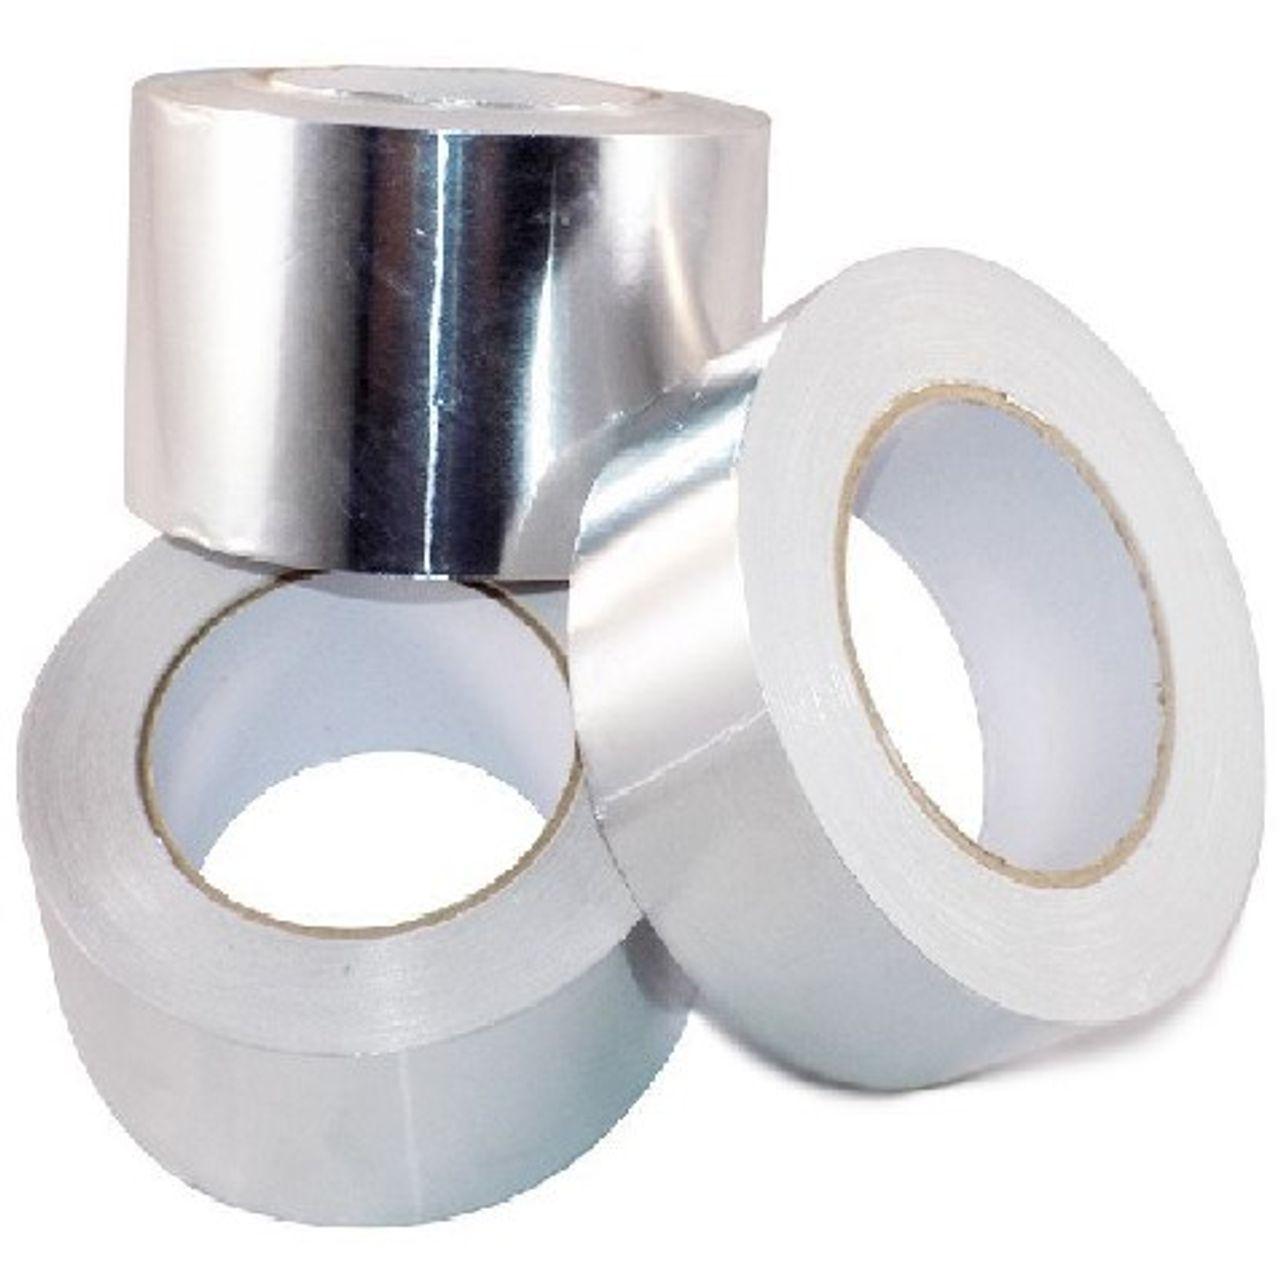 YBS tape